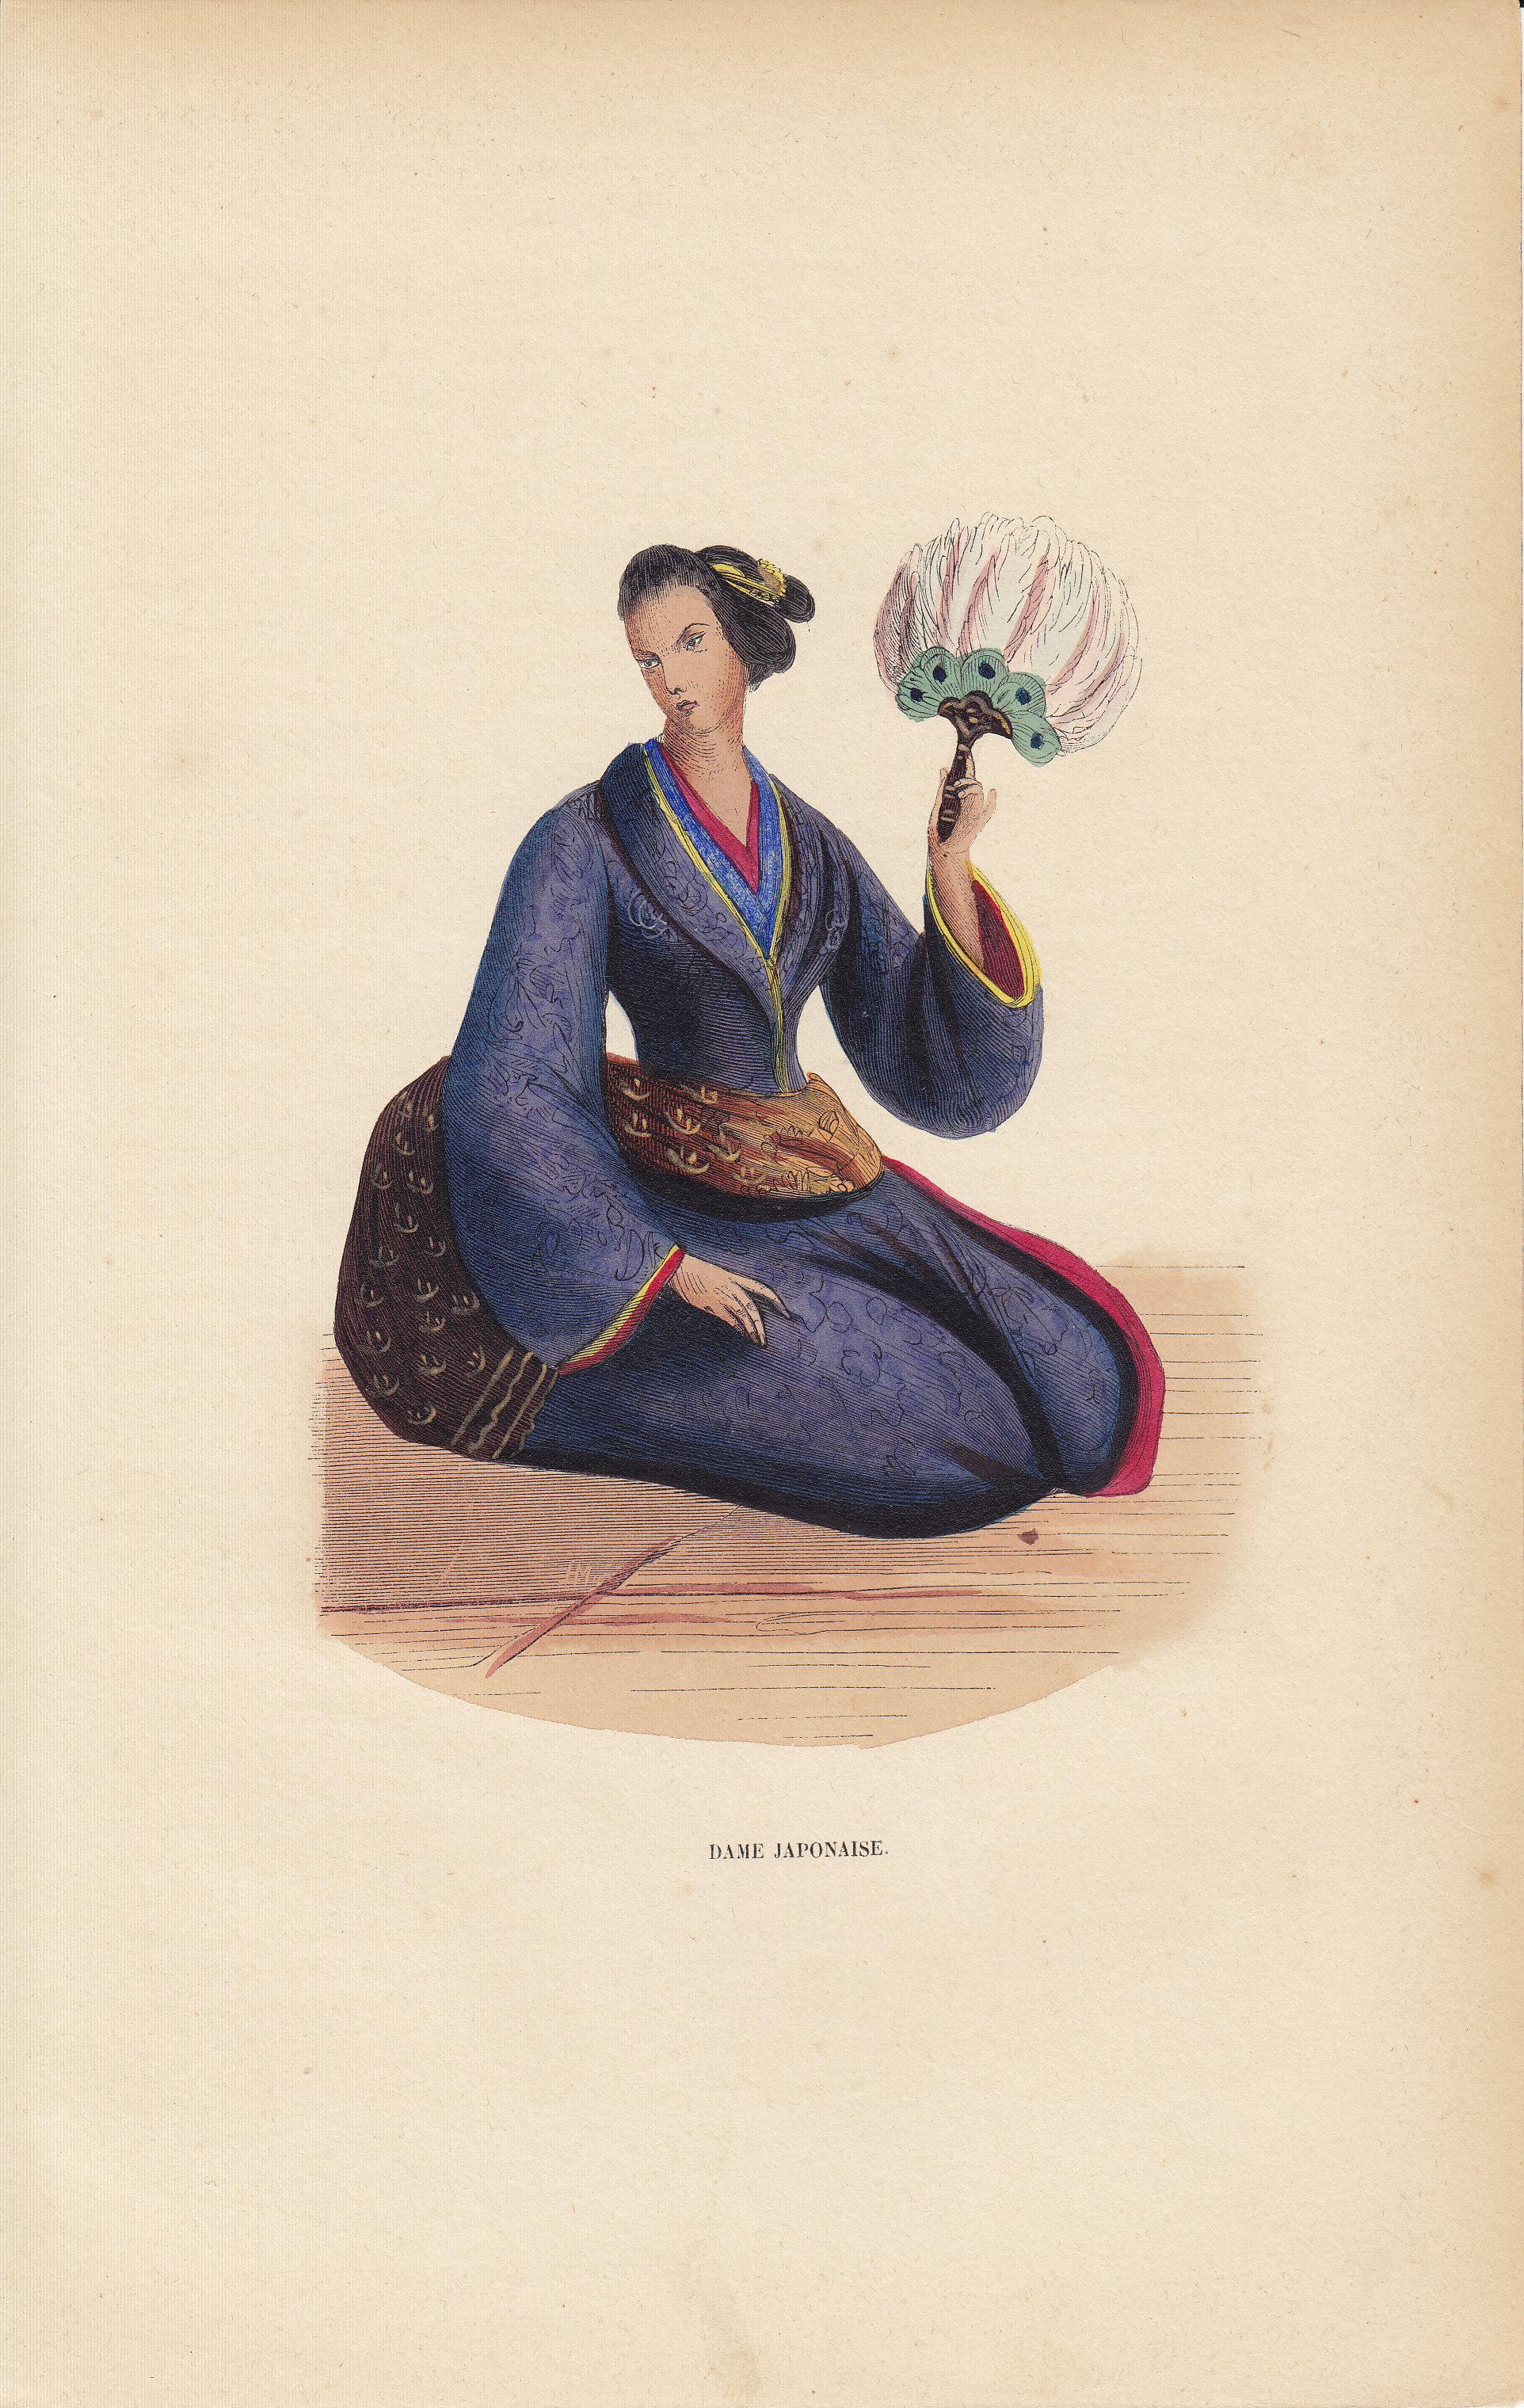 Dame Japonaise